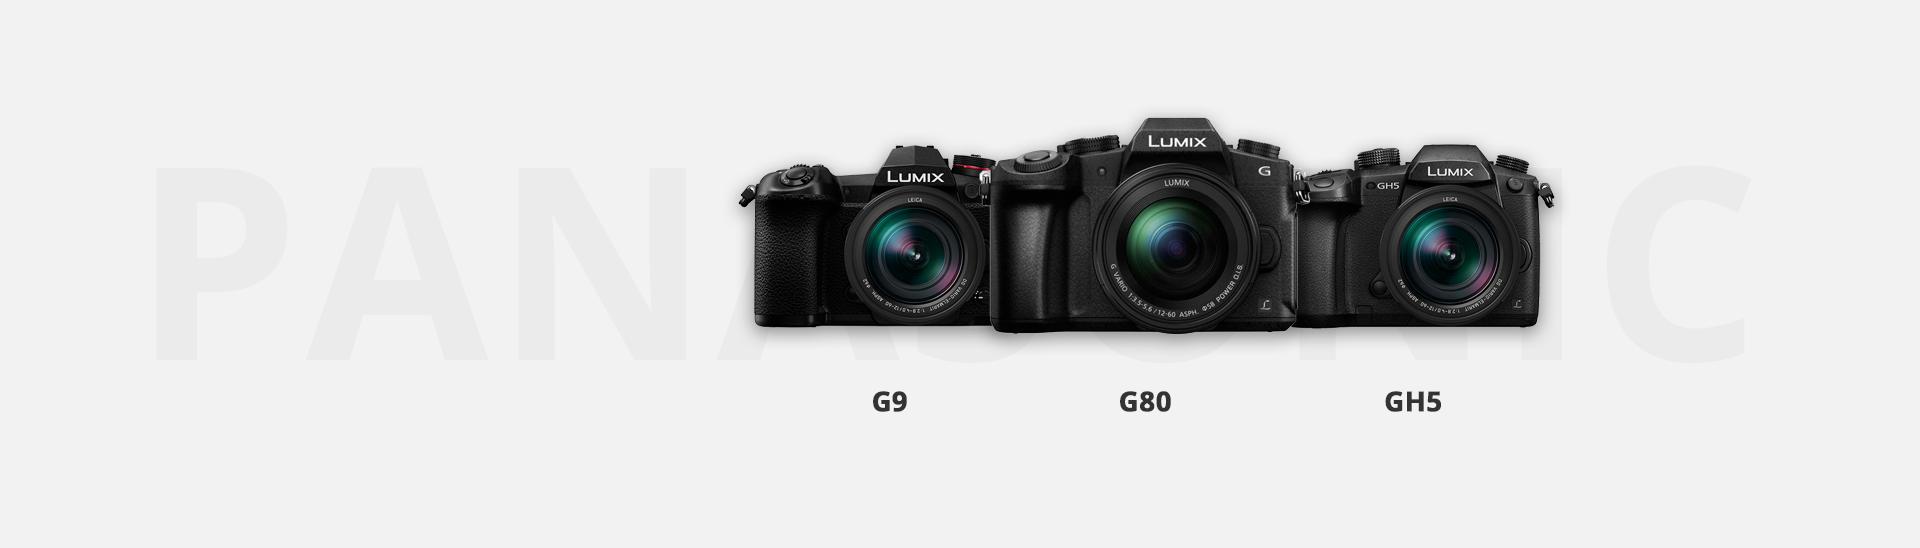 Panasonic G Series Cameras